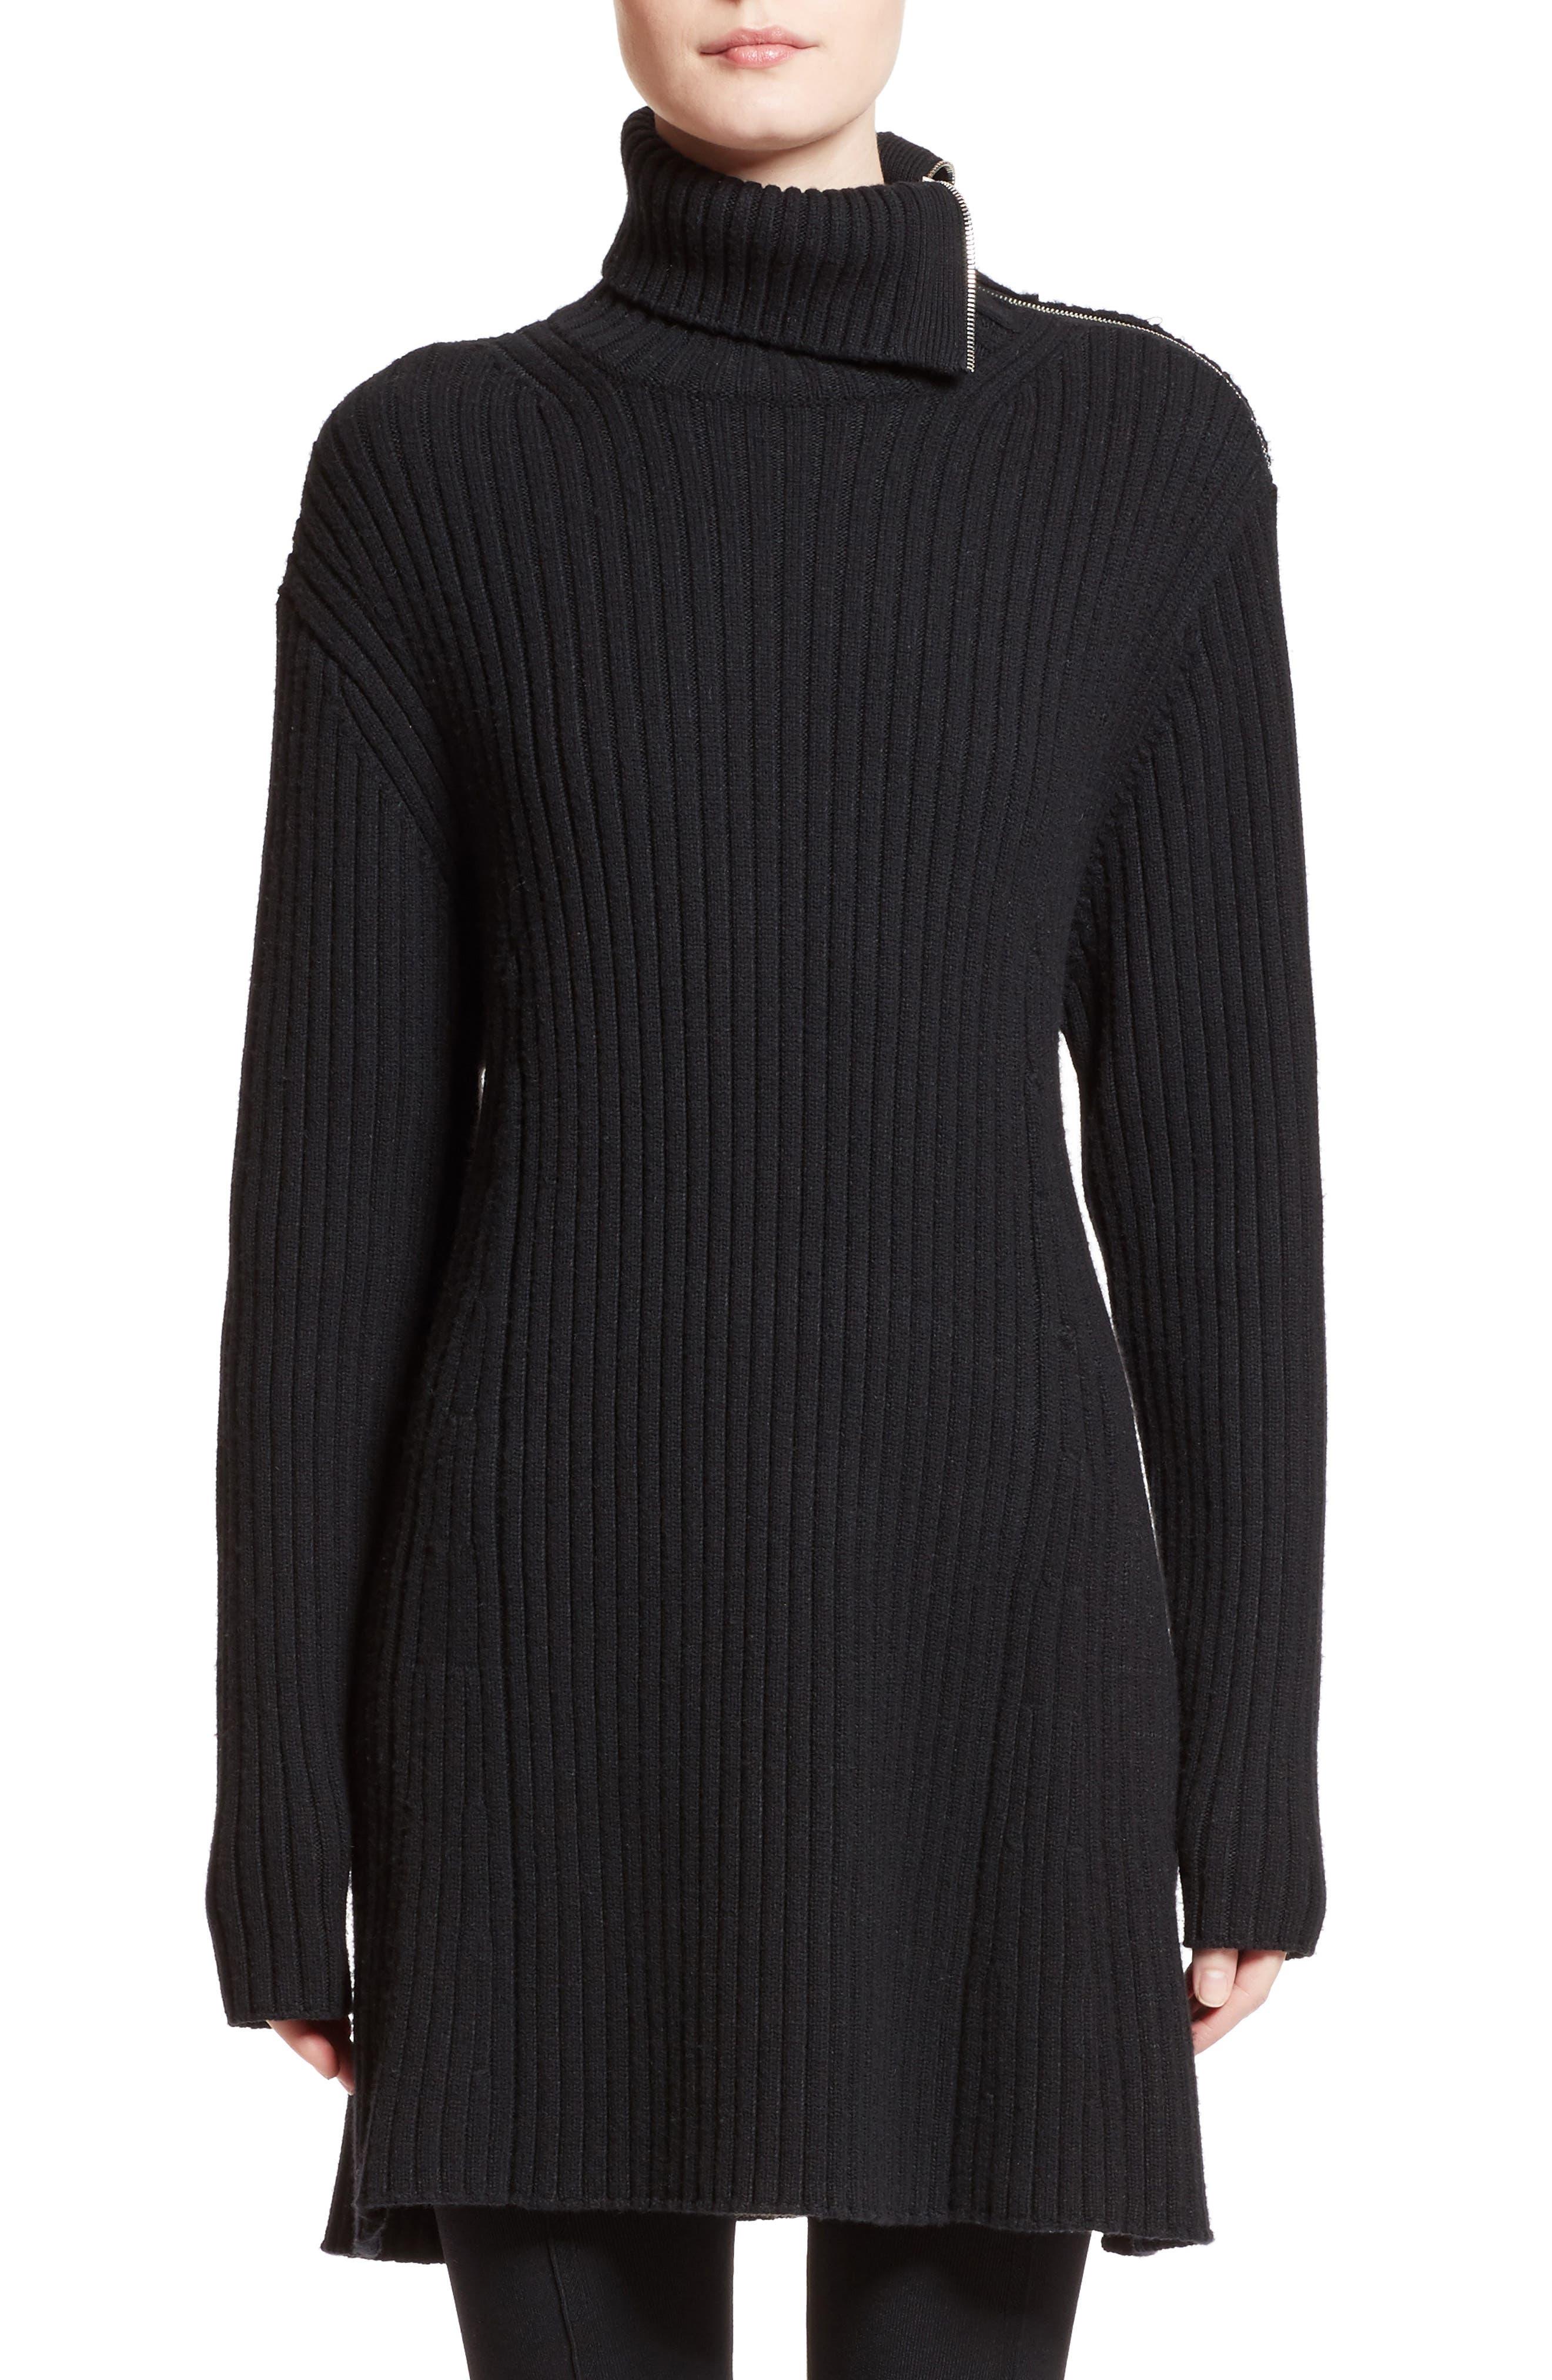 Wool & Cashmere Blend Turtleneck Dress,                         Main,                         color, Black